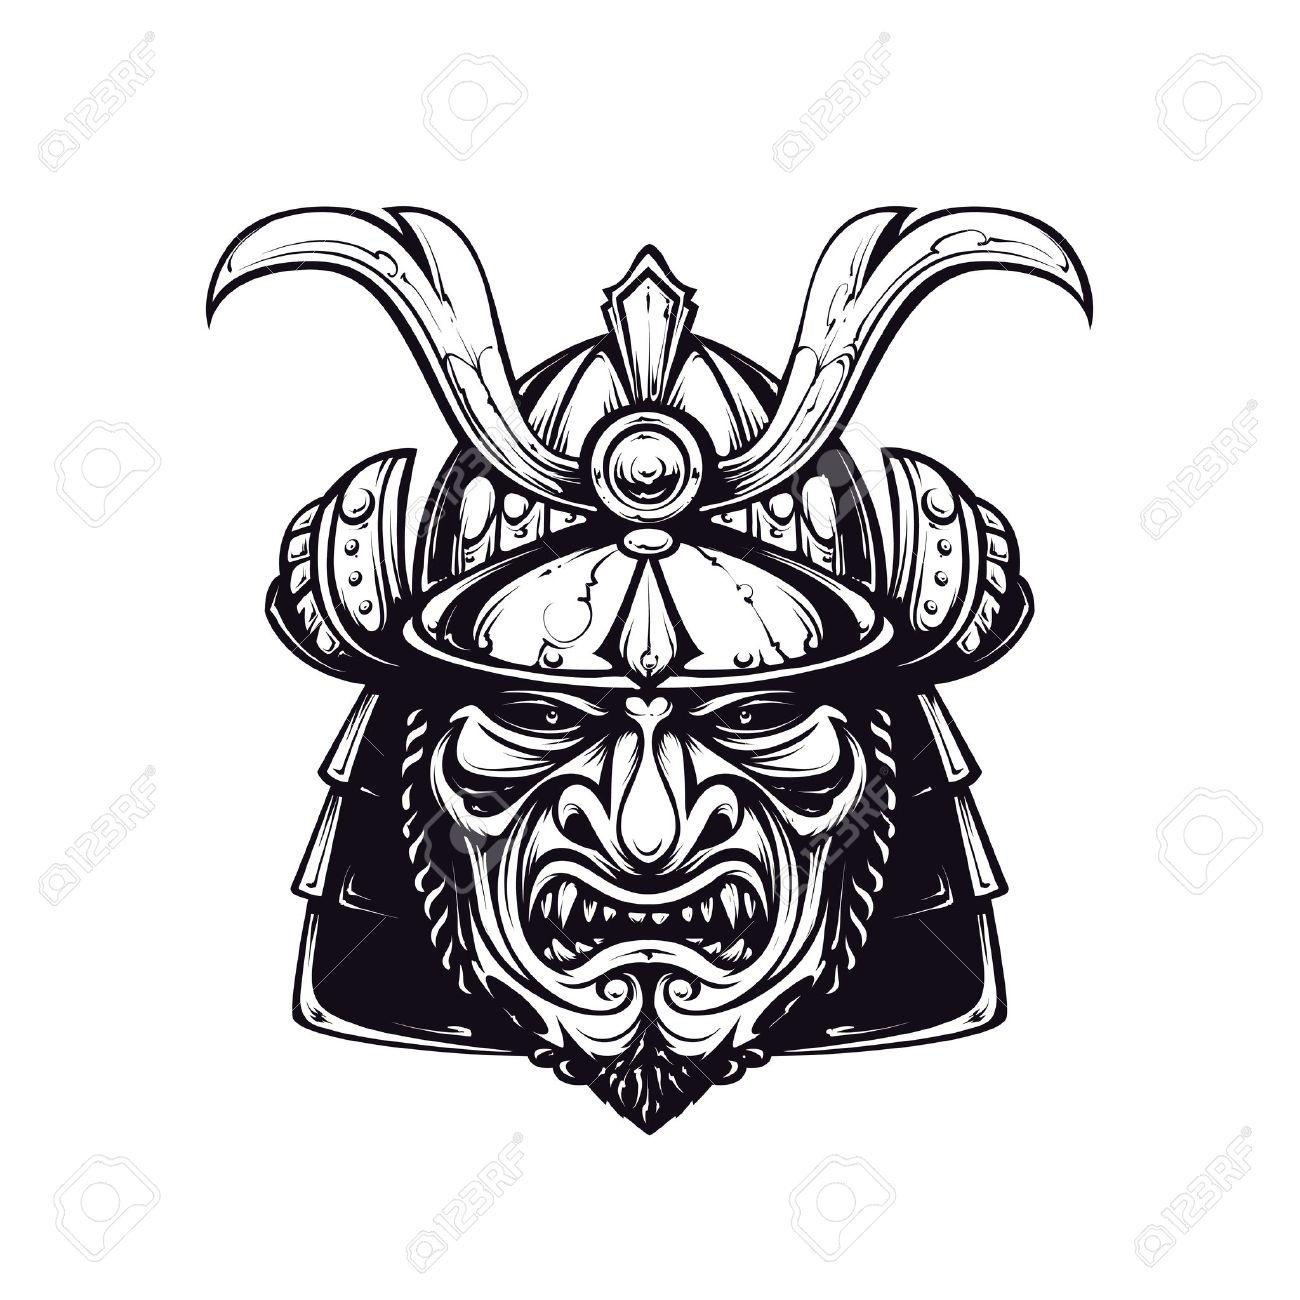 Samurai Maske Clip Art Schwarz Weiß Version Isoliert Auf Weiß